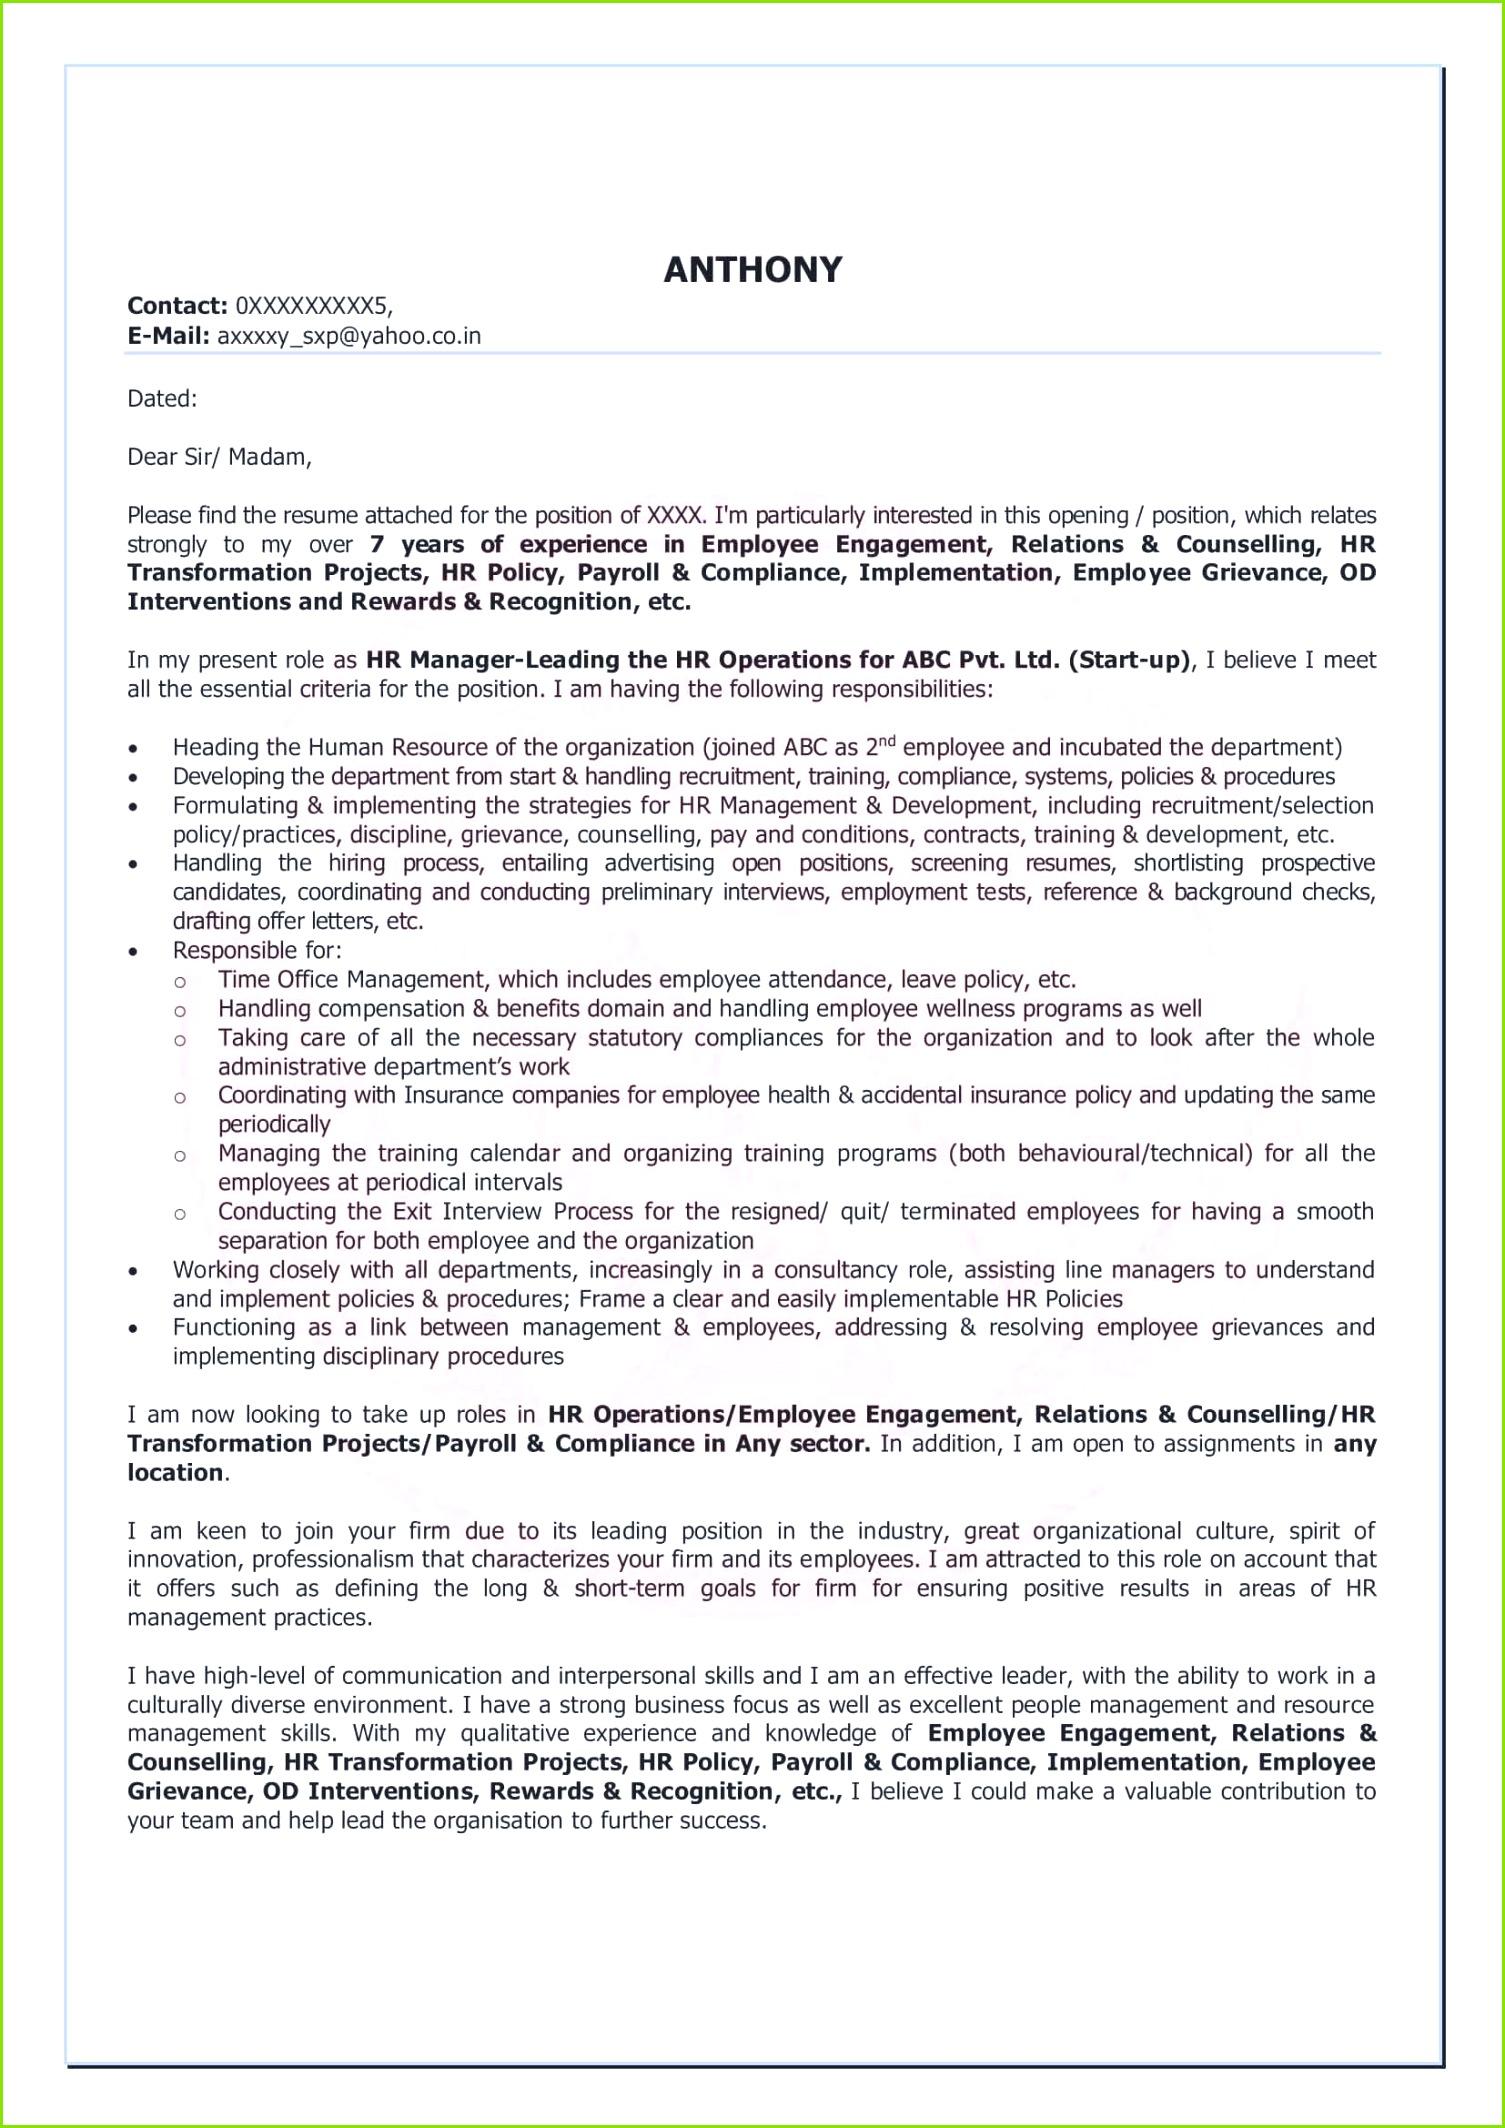 Tolle Vali rungsprotokollvorlage Fotos Beispielzusammenfassung Vorlage Kündigung Handyvertrag – Kündigung Handyvertrag O2